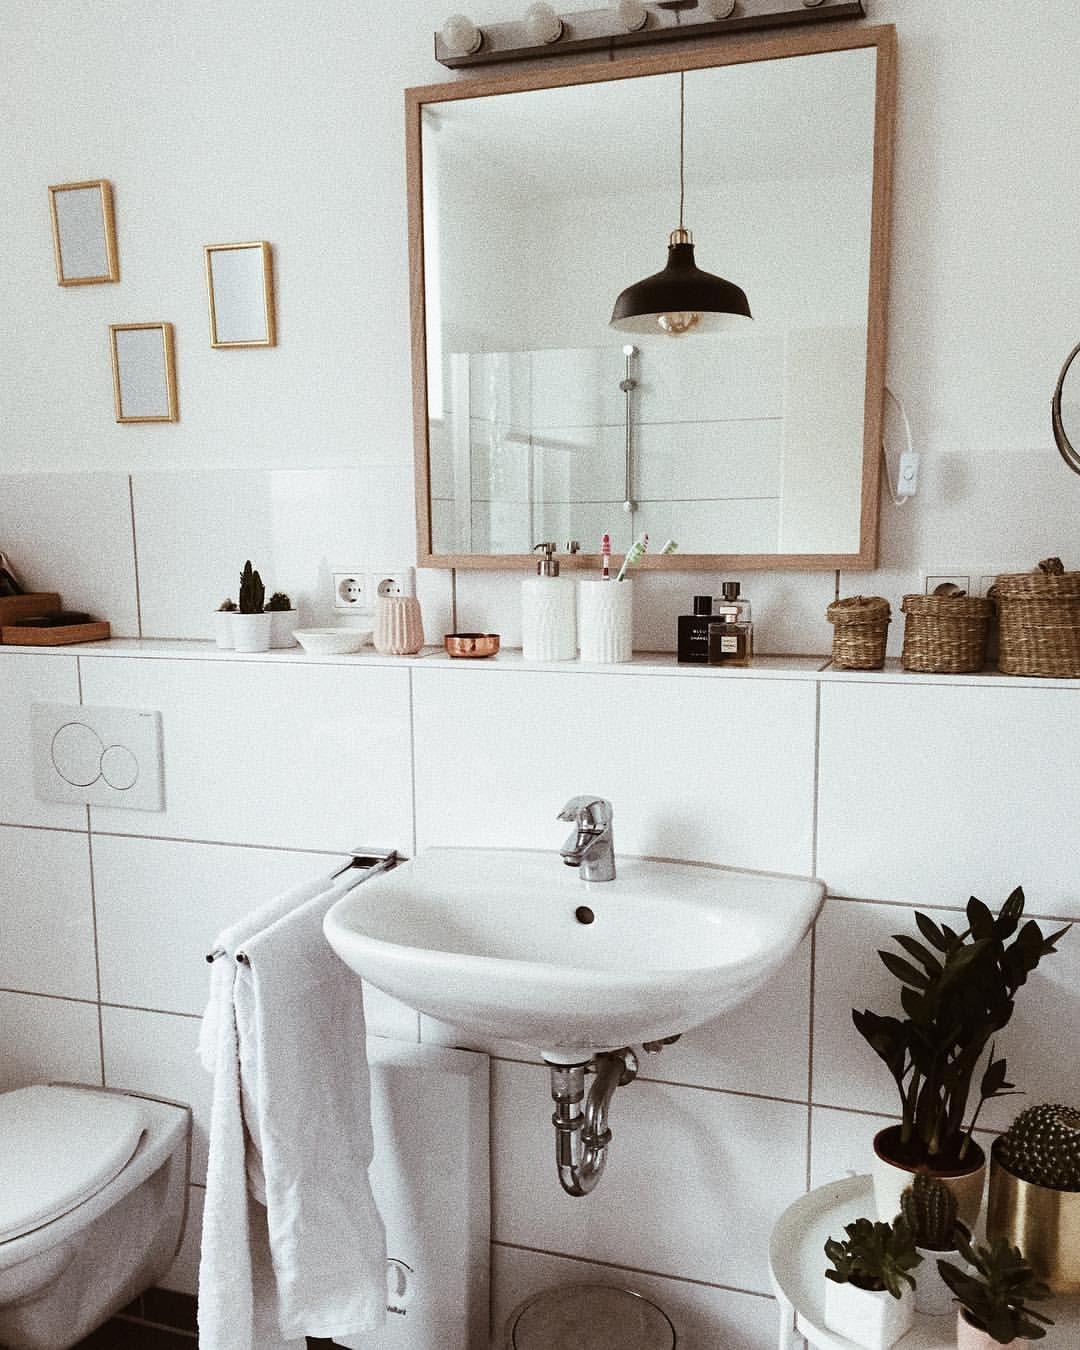 """Photo of and that's my story on Instagram: """"Bathroom ❤️ normalerweise bin ich da ja nicht so und gerade Bäder zu zeigen finde ich irgendwie nicht gar so passend, aber da sich unsere…"""""""